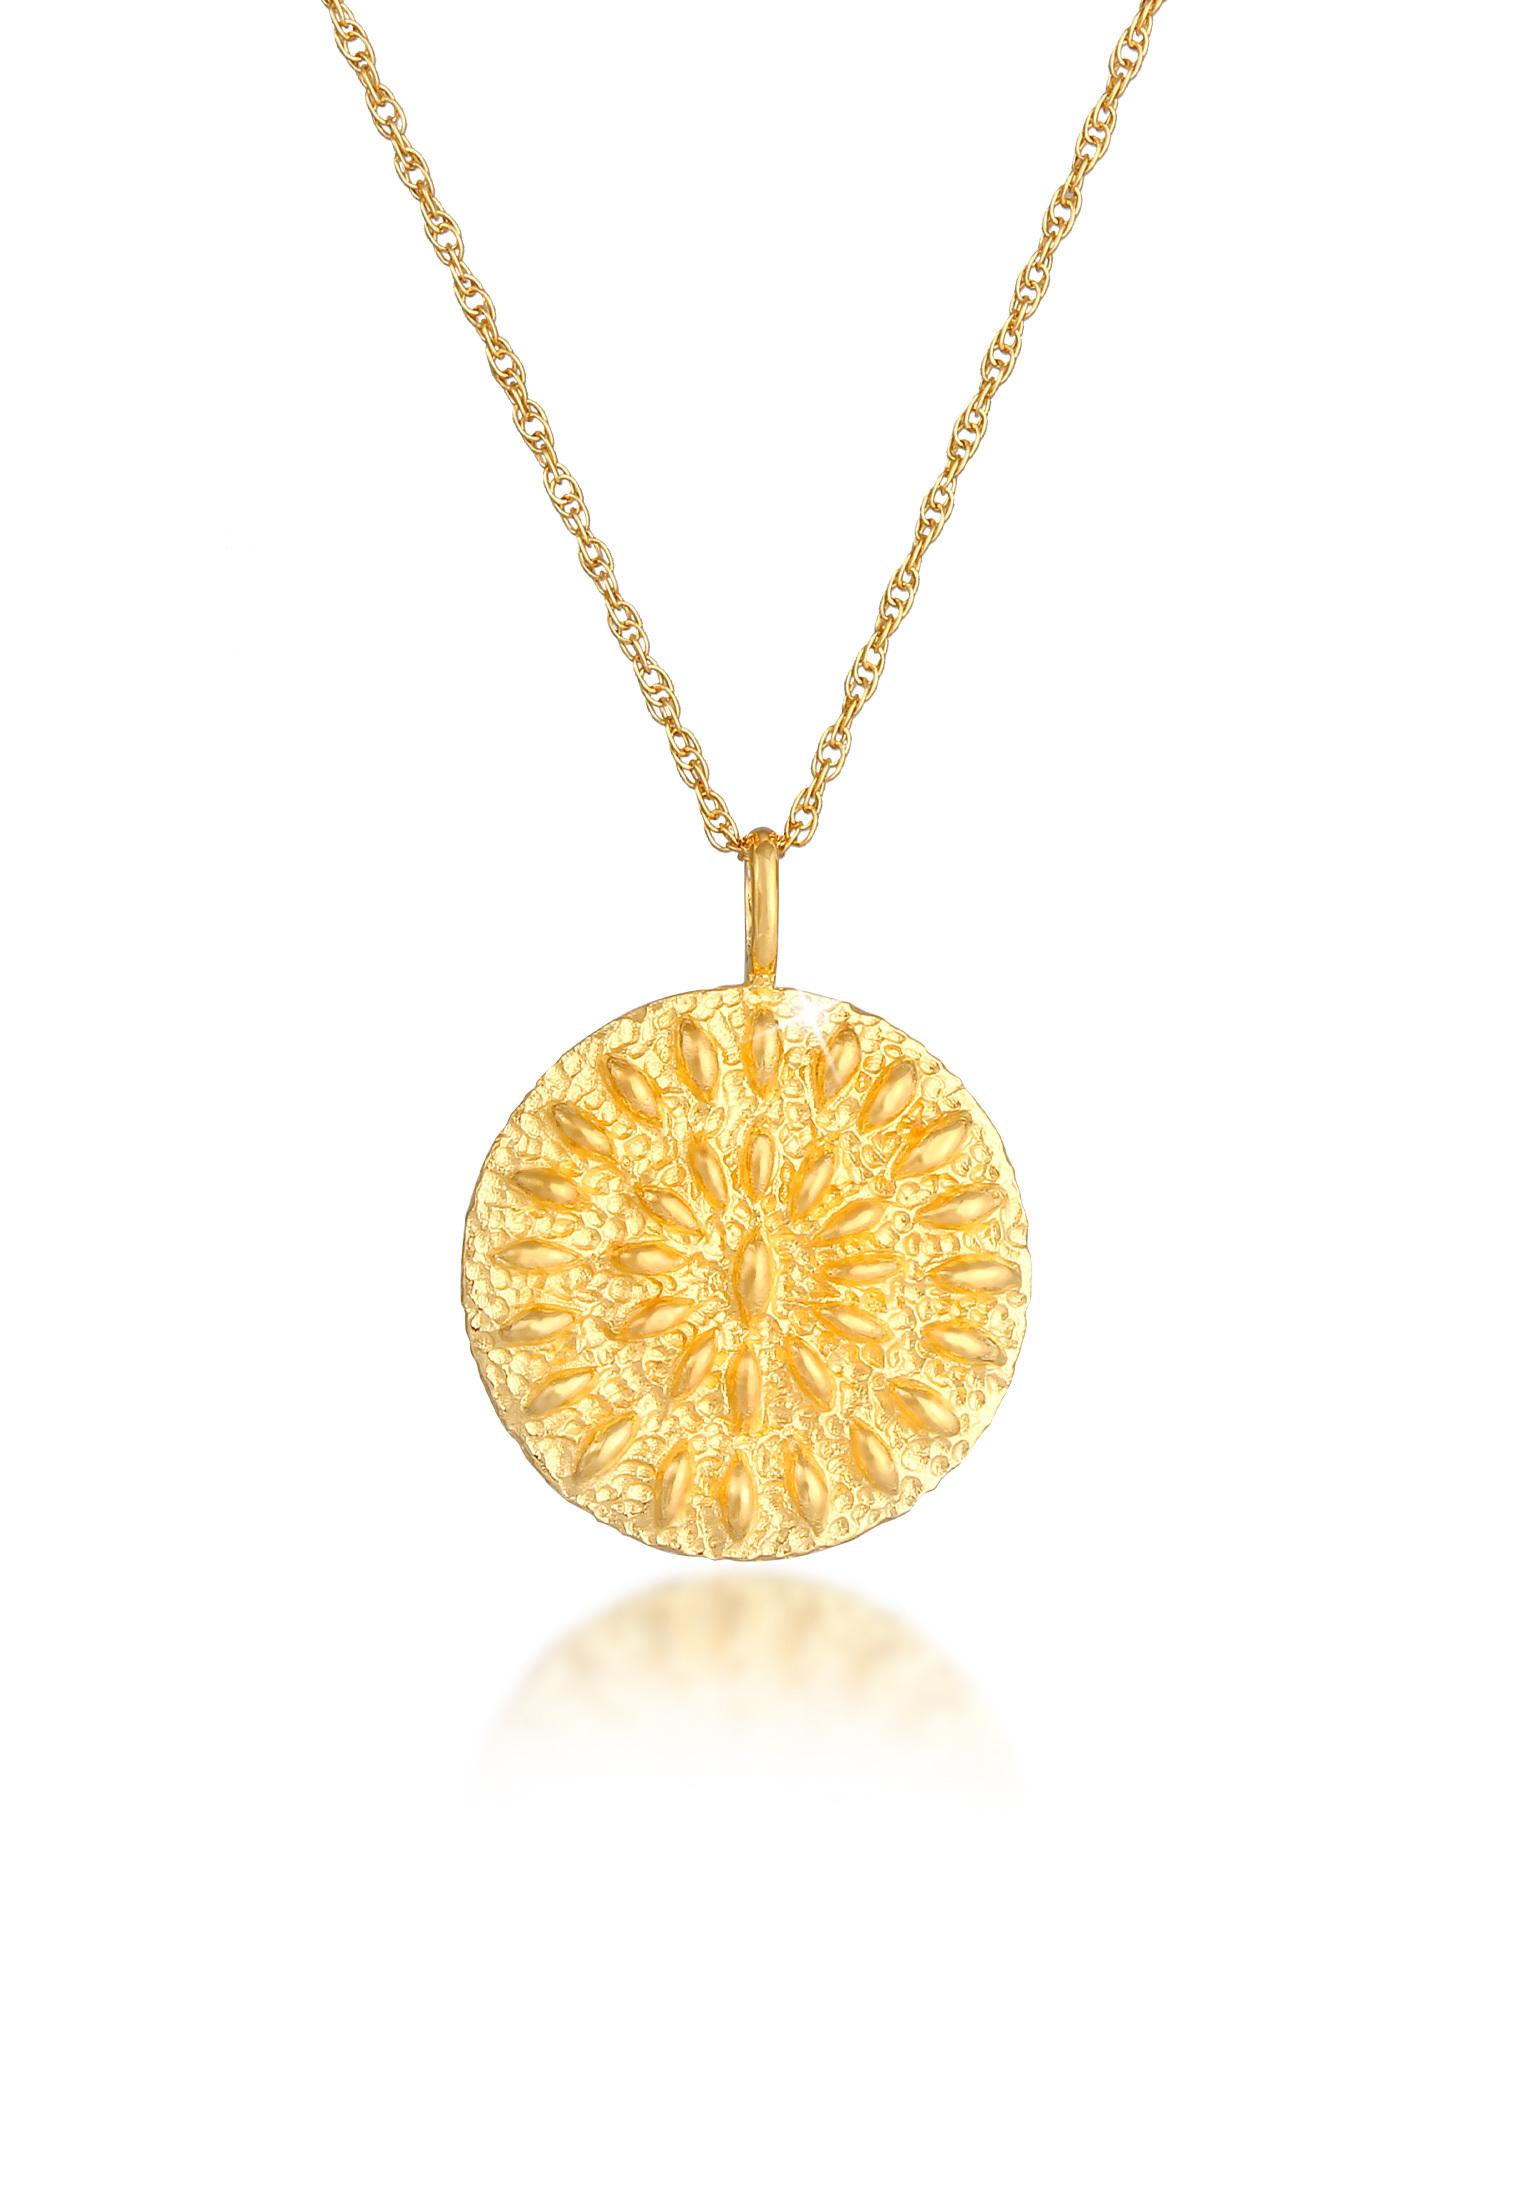 Lange Halskette Ornament | 925 Sterling Silber vergoldet